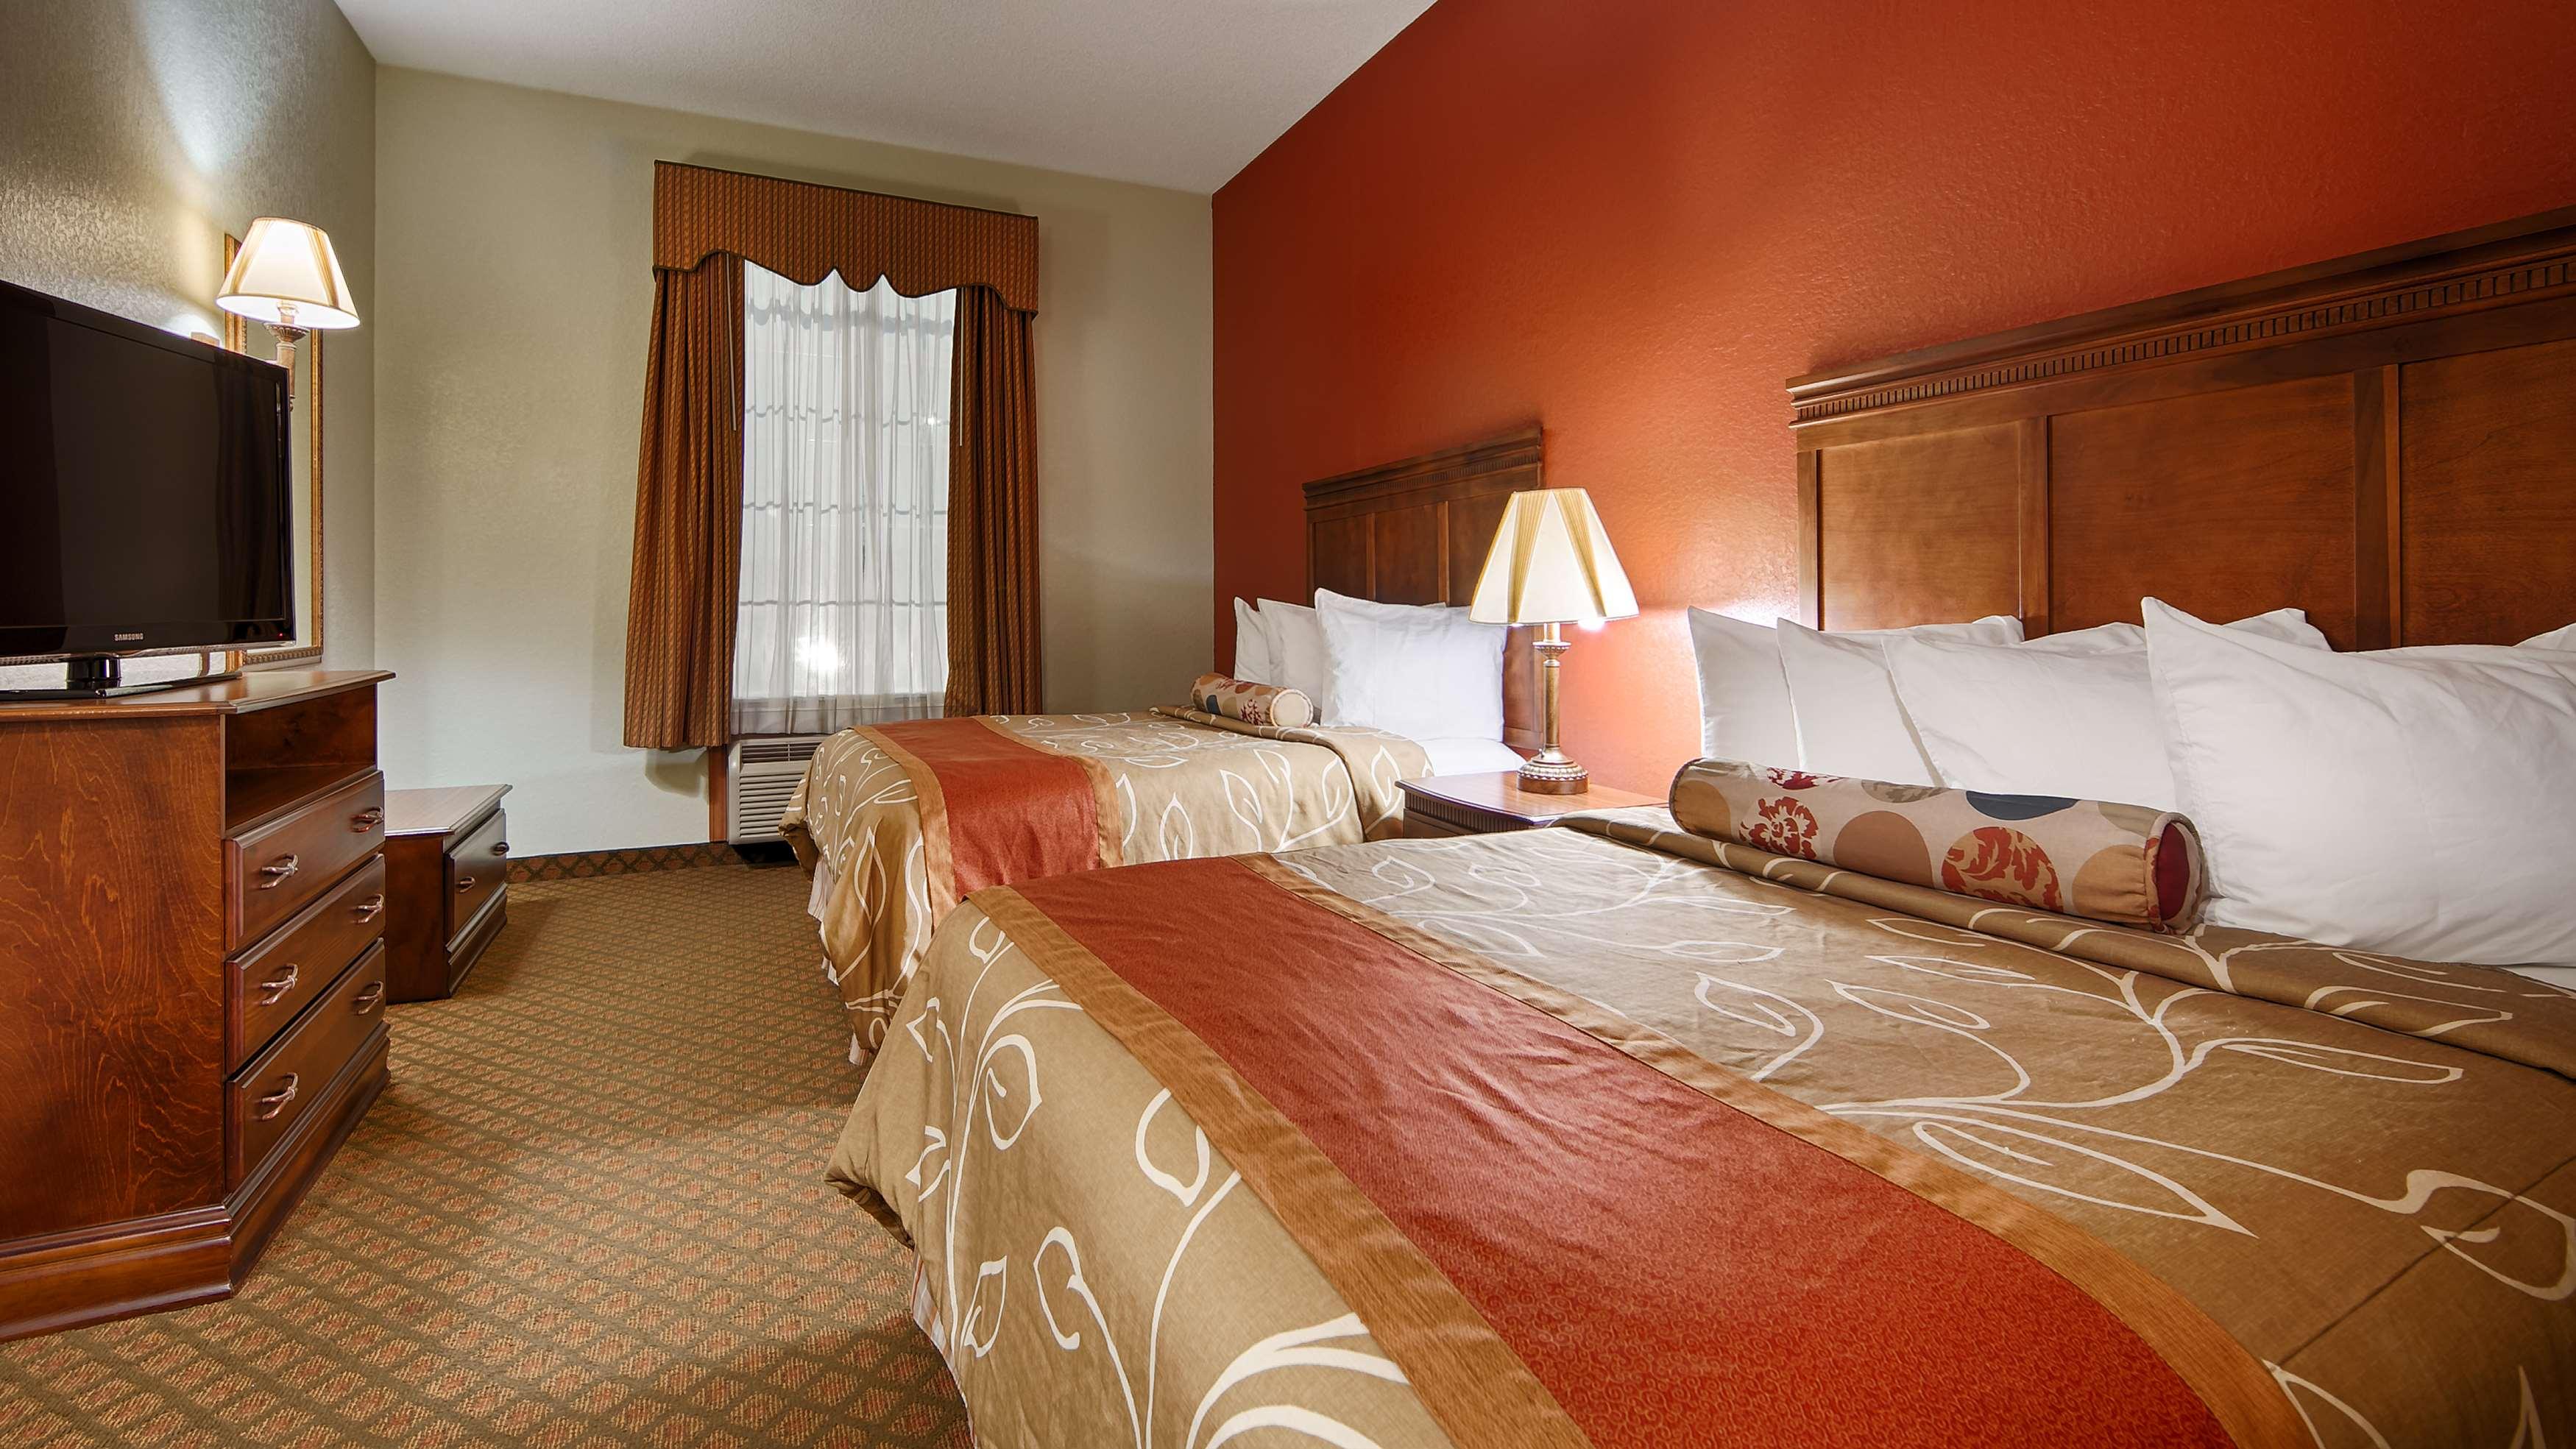 Best Western Plus Bradbury Inn & Suites image 15